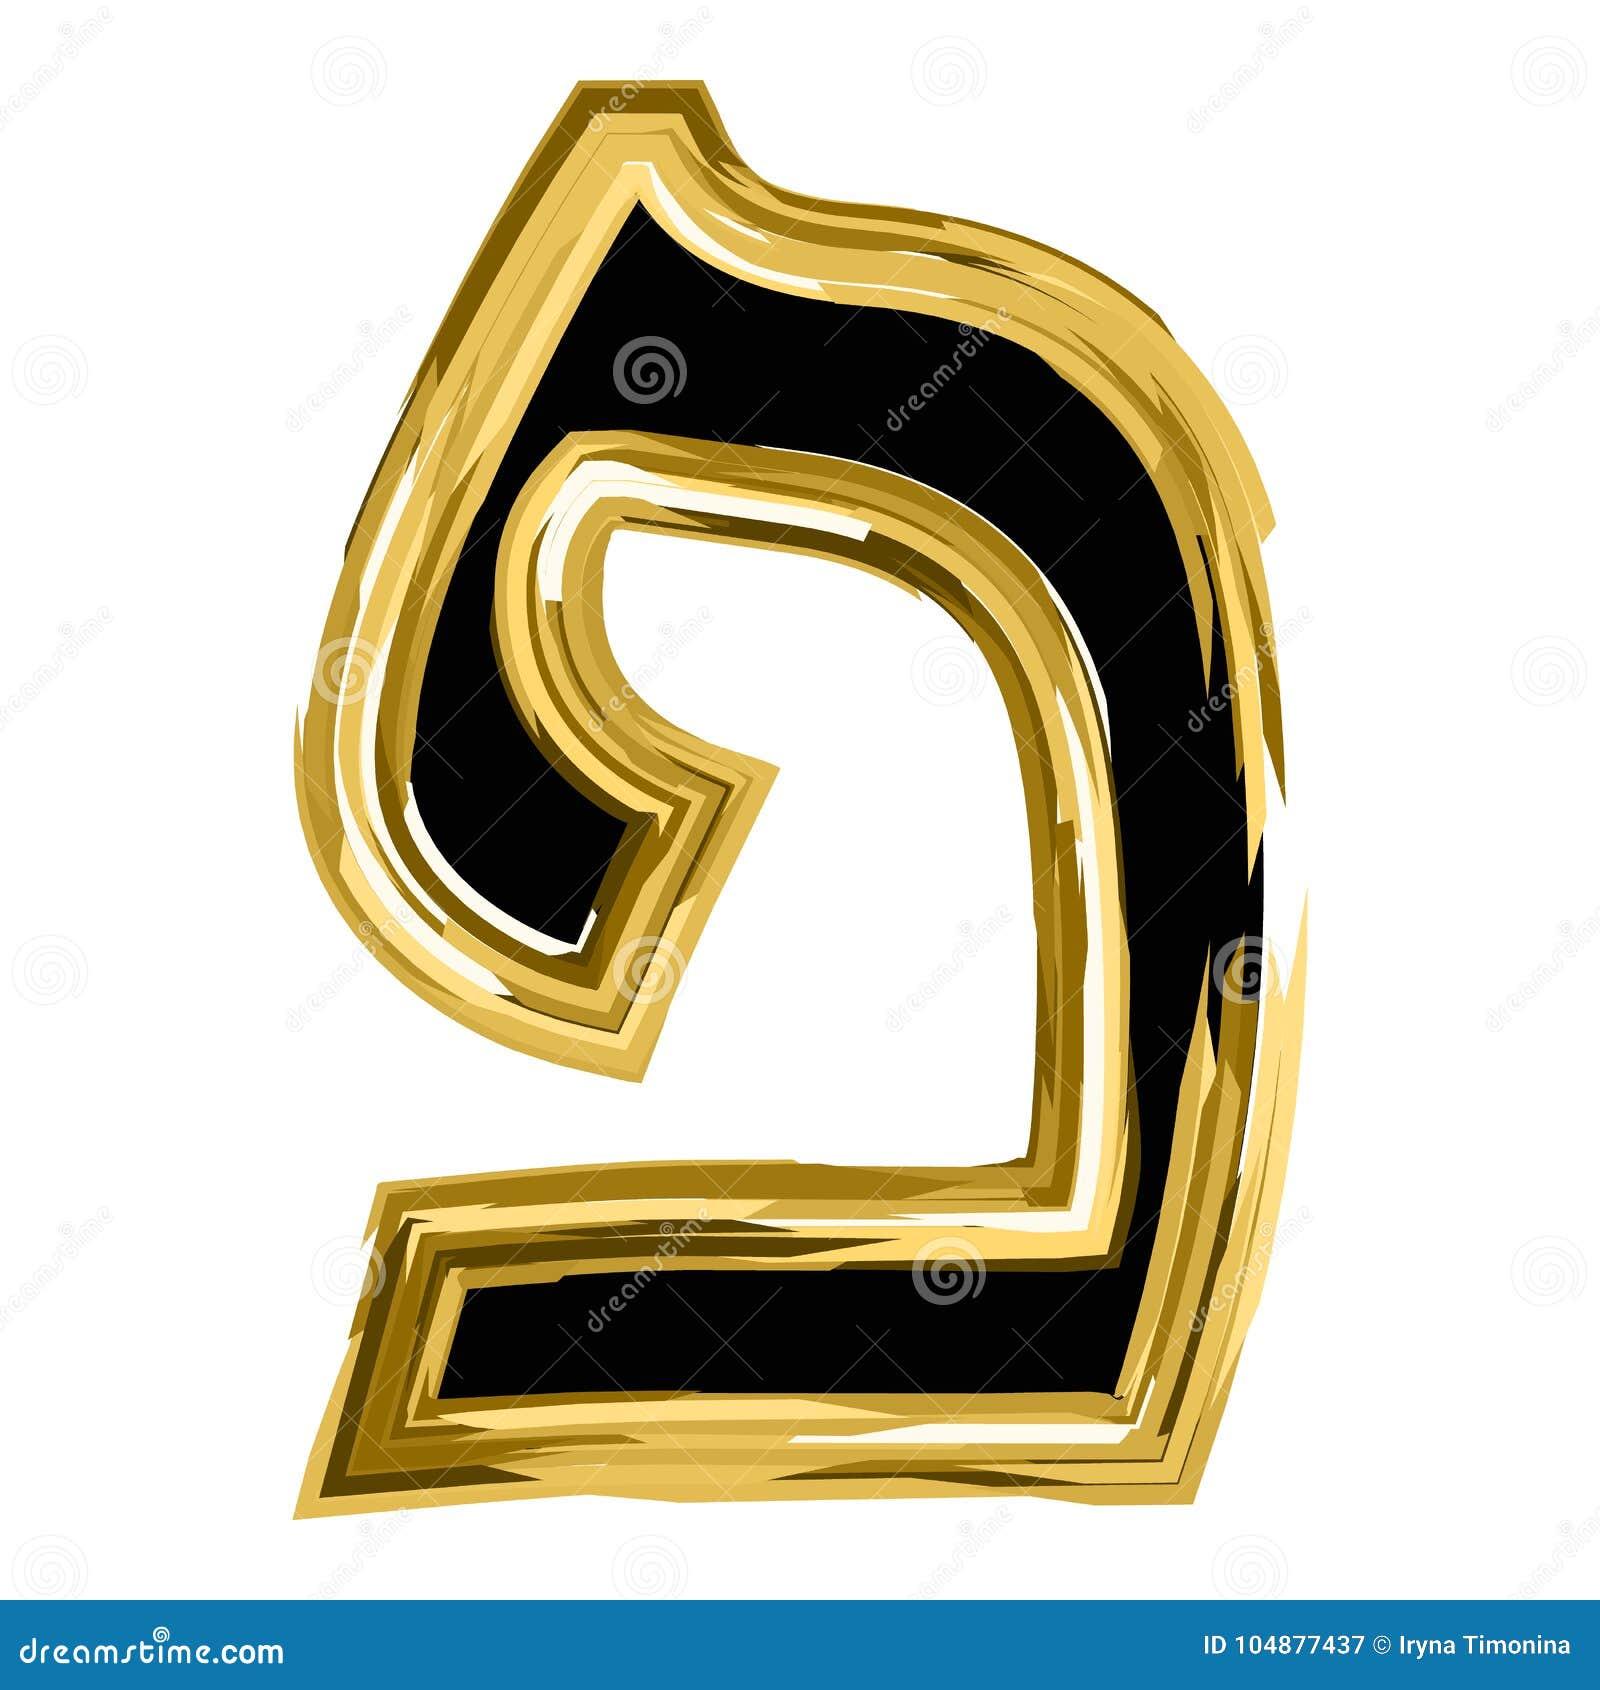 The Golden Letter Pei From The Hebrew Alphabet  Gold Letter Font Hanukkah  Vector Illustration